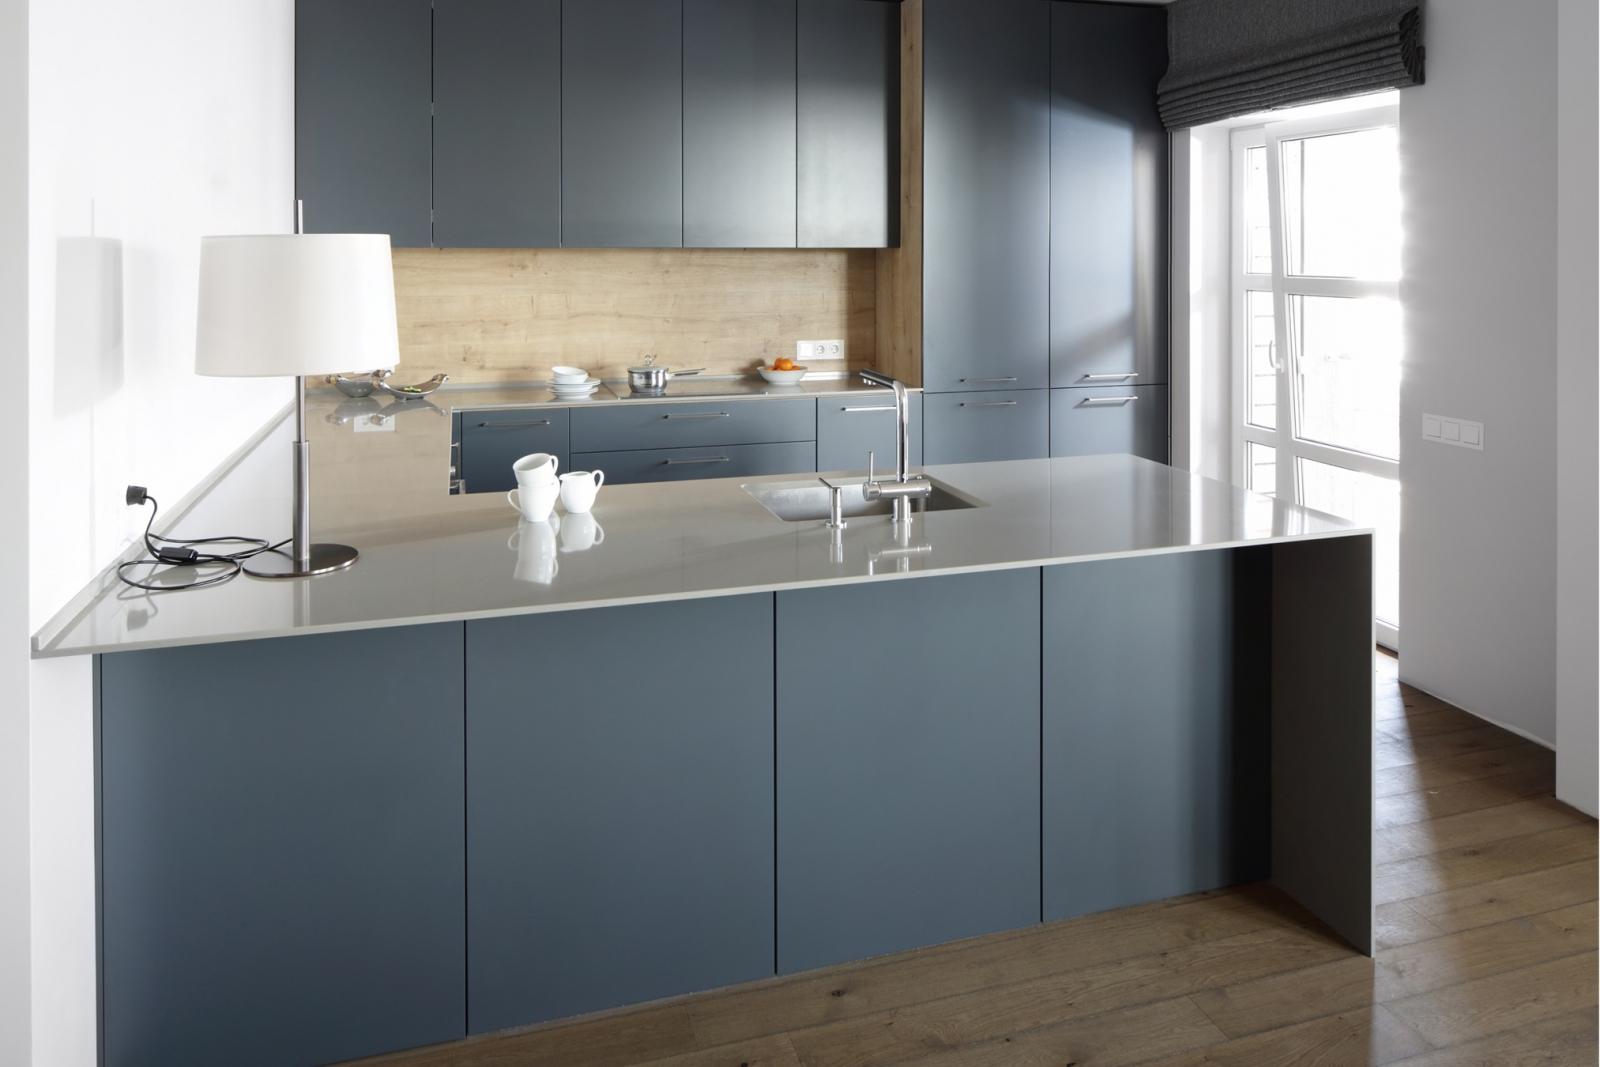 Grijze Keuken Met Wit Blad : Keukenwerkbladen: Geschikte materialen en hun prijzen